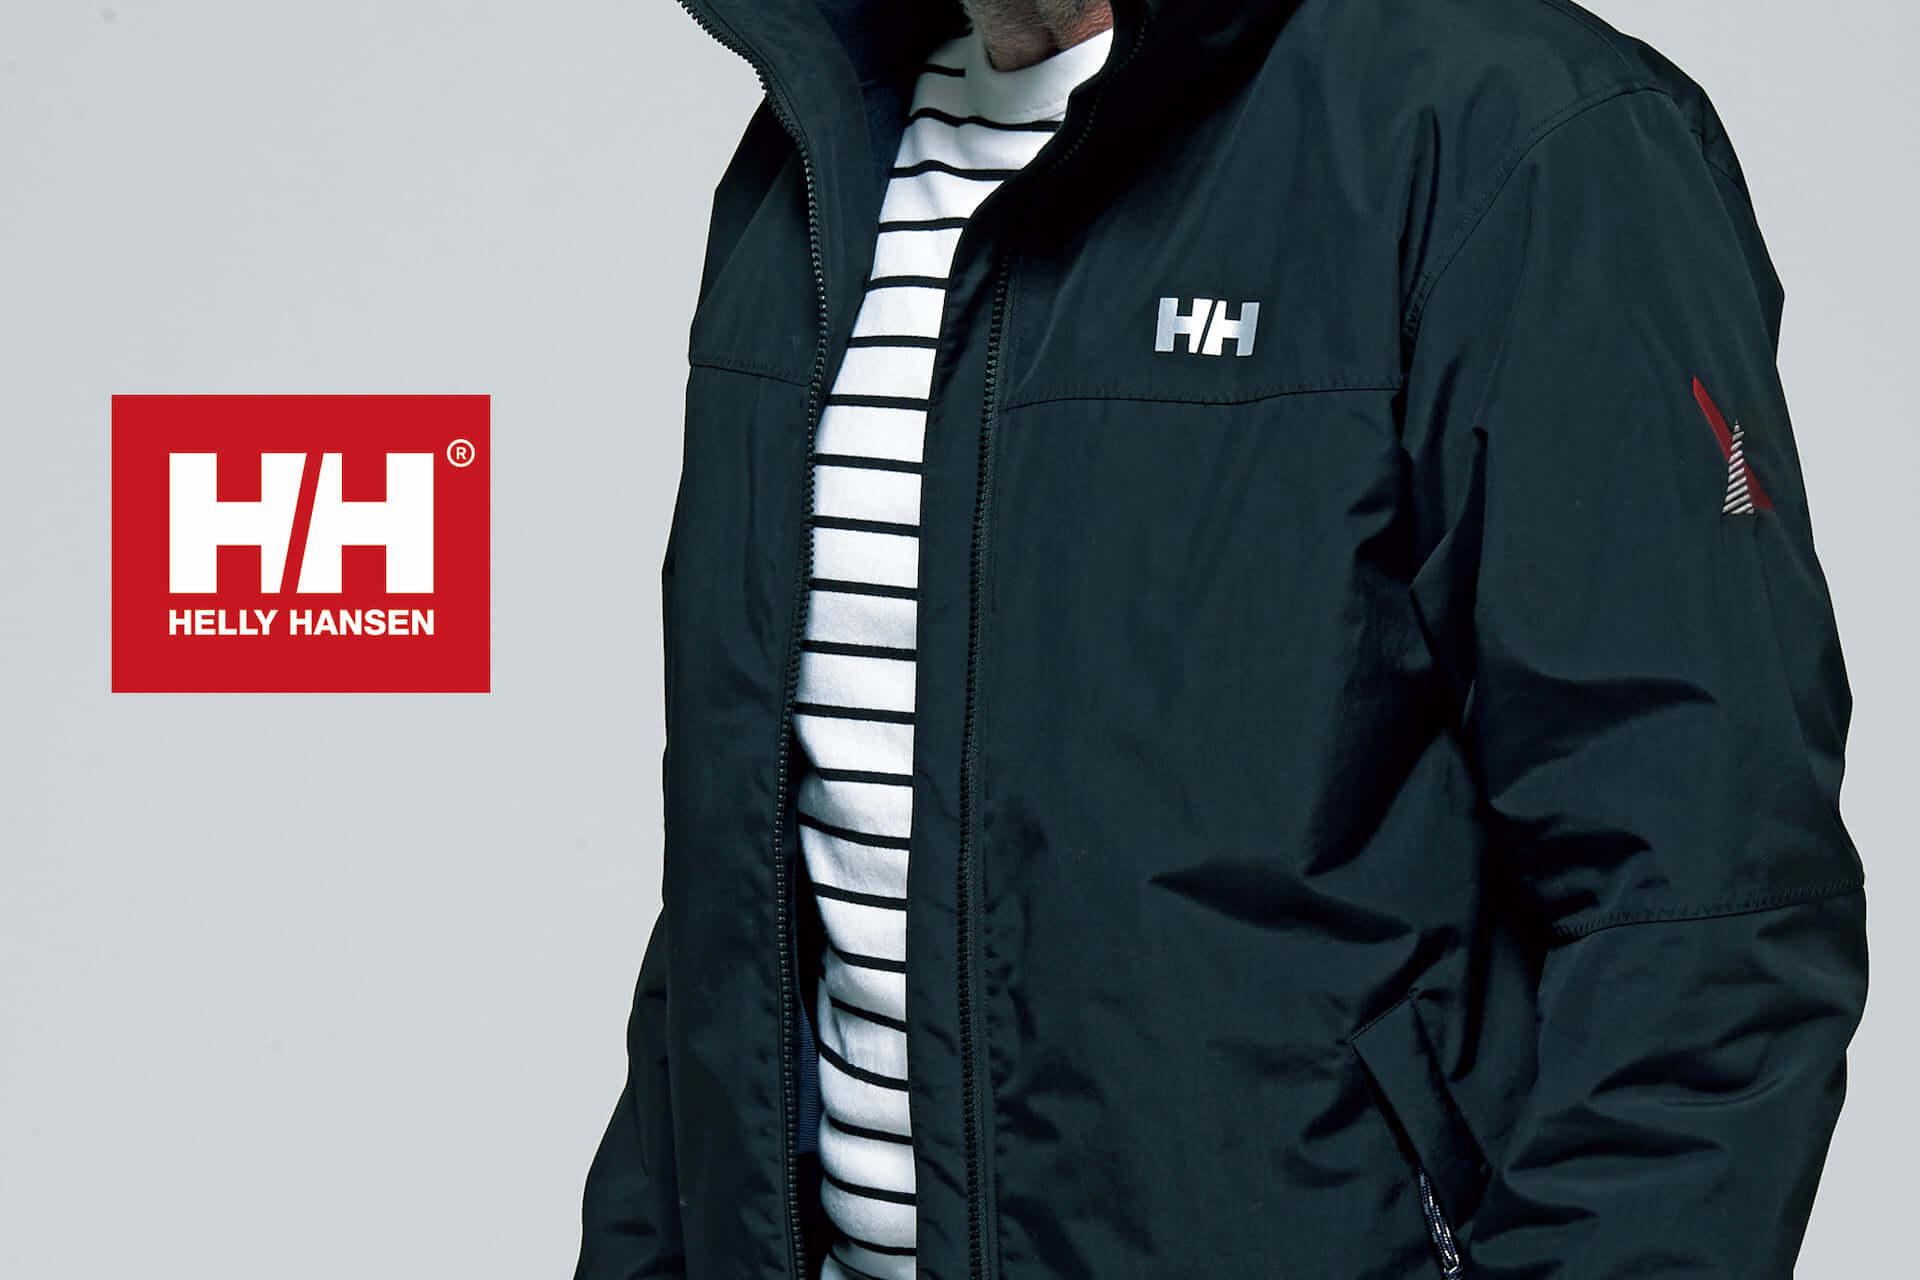 ヘリーハンセン×ライトアップショッピングクラブの別注アイテムが発売!3WAYジャケットや総裏フリースのパンツなどが登場 lf201029_helly-hansen_5-1920x1280